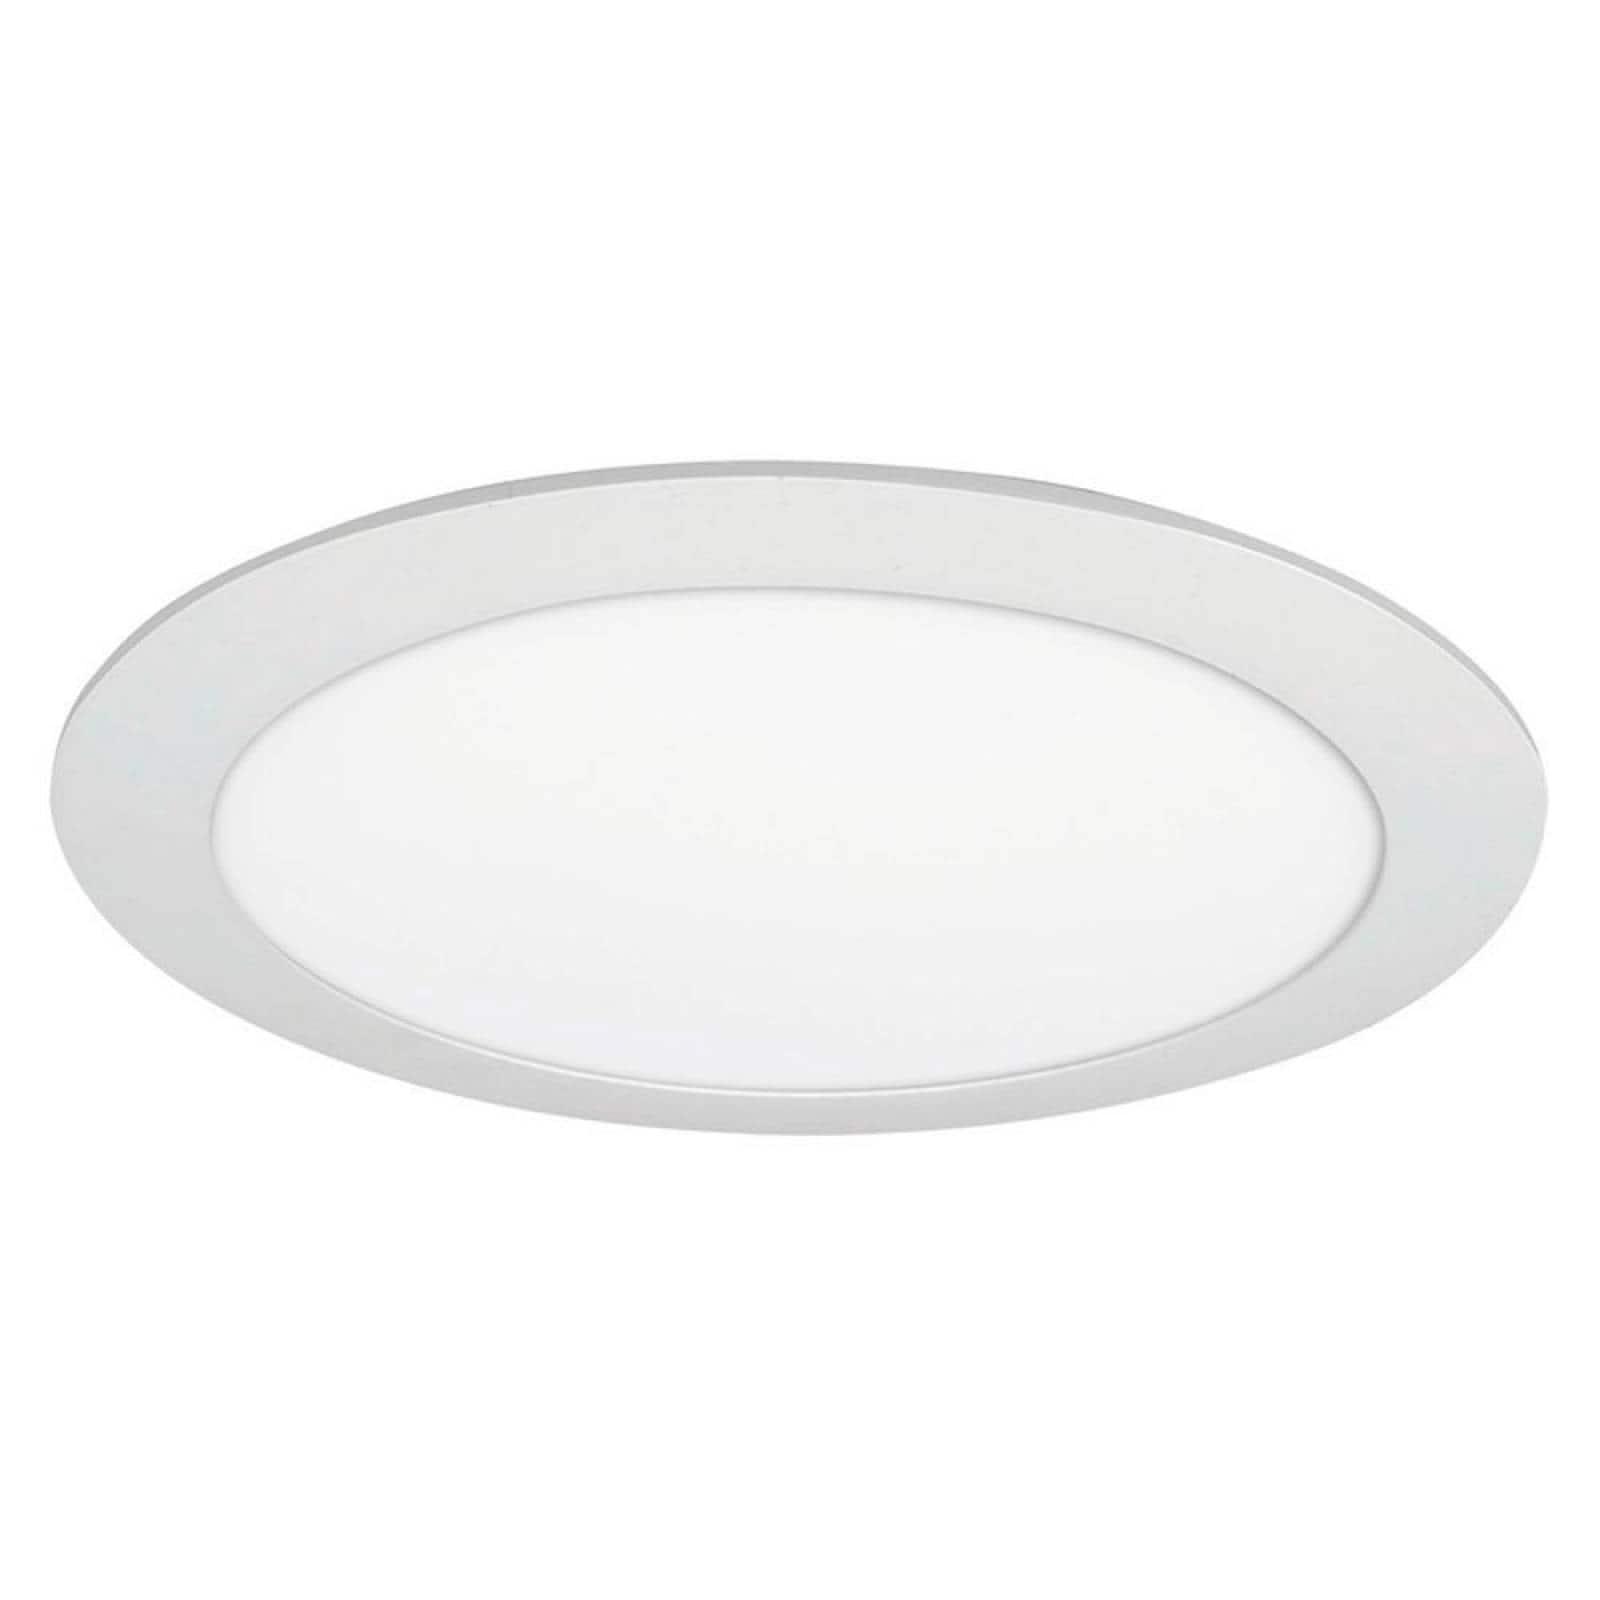 Lámpara LED redonda para empotrar luz blanca 3 W